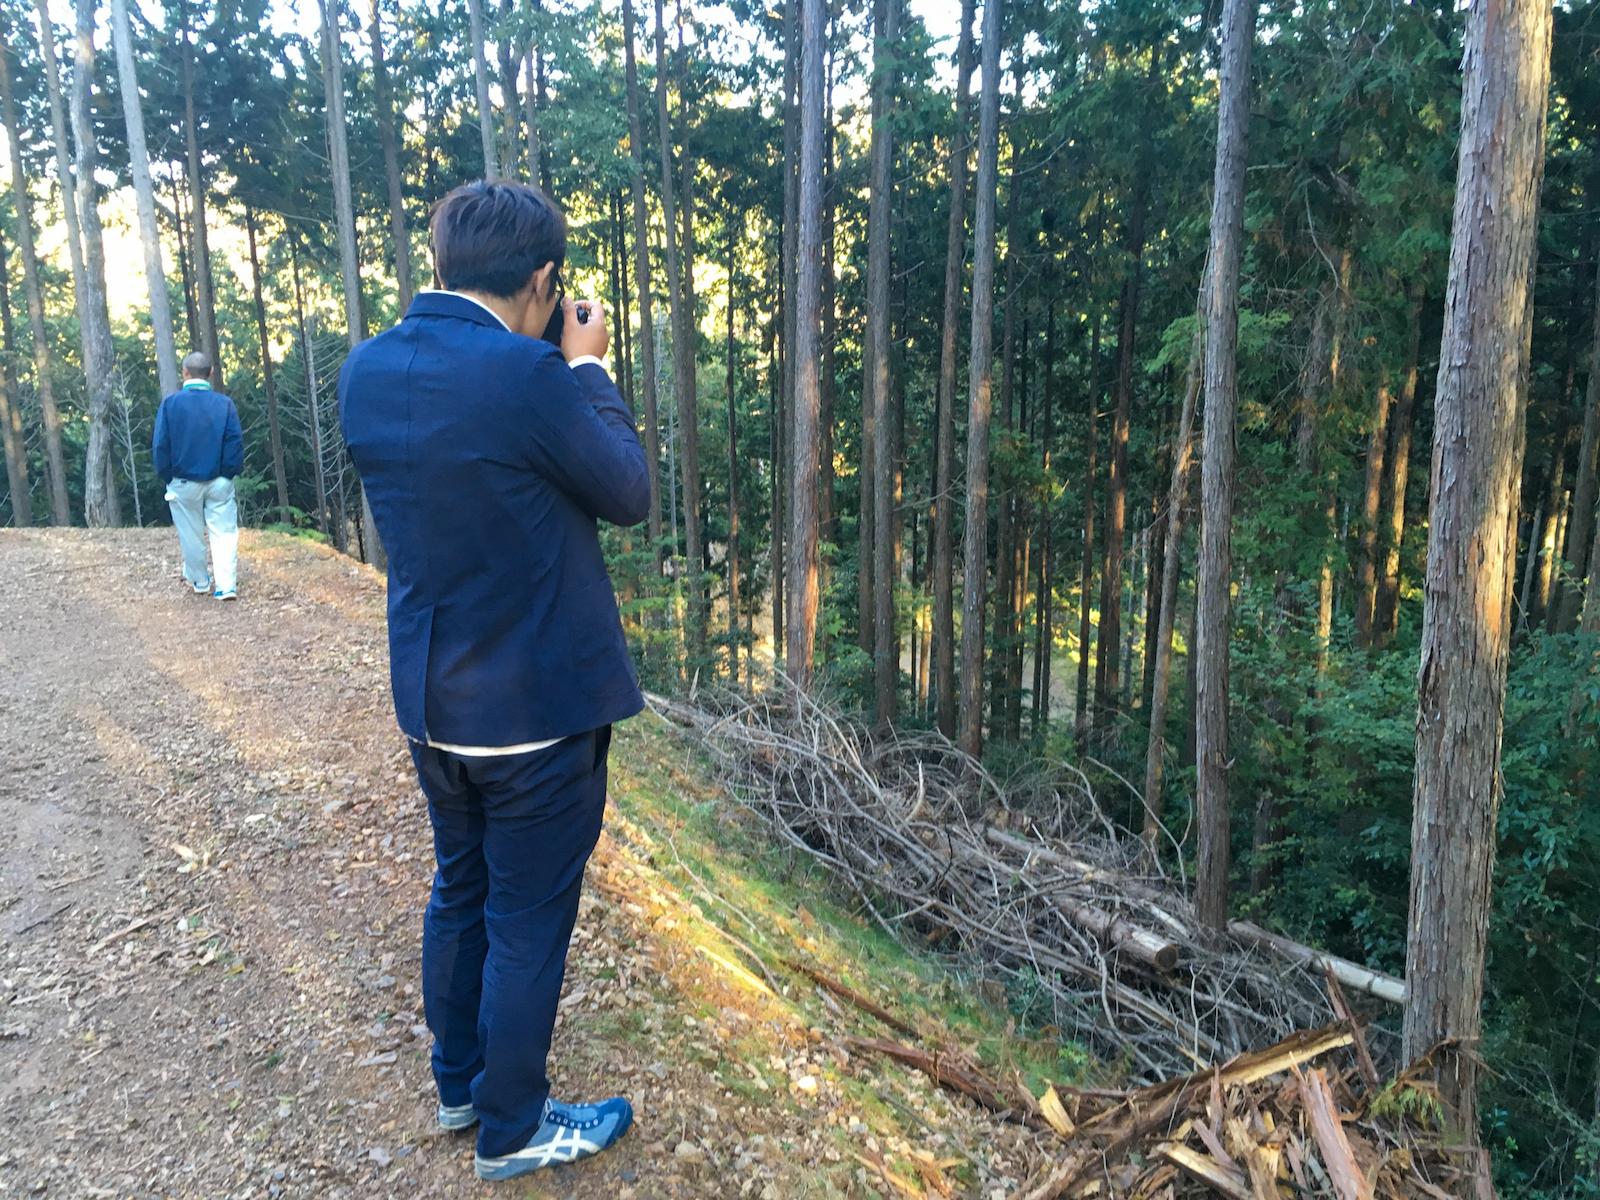 岐阜県にて林業関係者への現場での取材 写真提供:sonraku